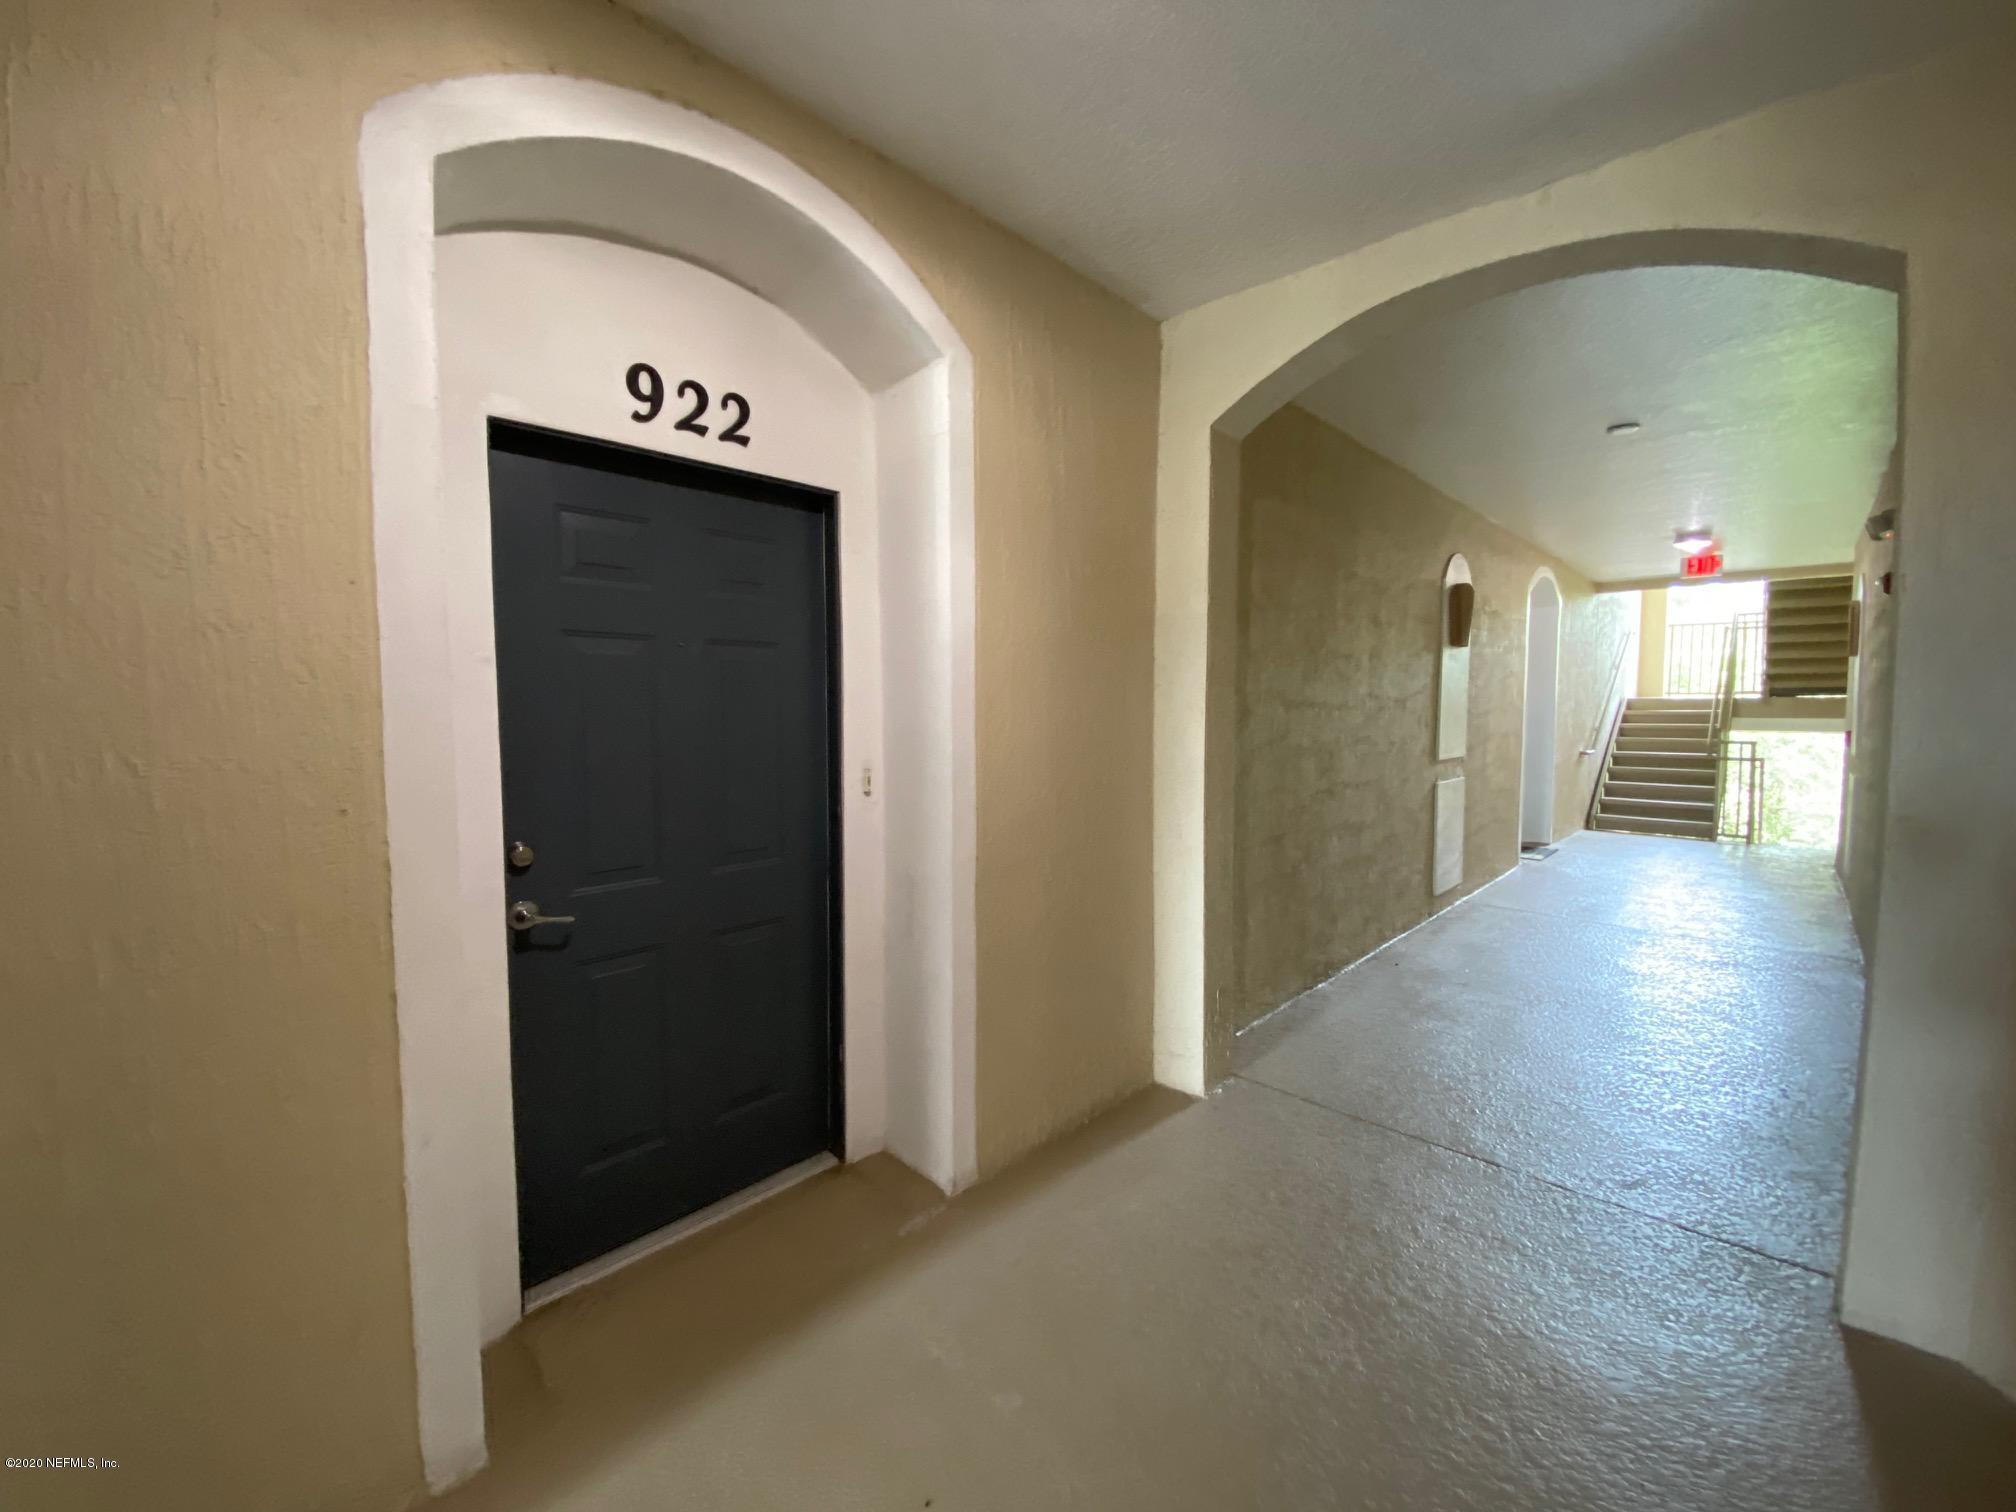 13364 BEACH, JACKSONVILLE, FLORIDA 32224, 2 Bedrooms Bedrooms, ,2 BathroomsBathrooms,Rental,For Rent,BEACH,1066871